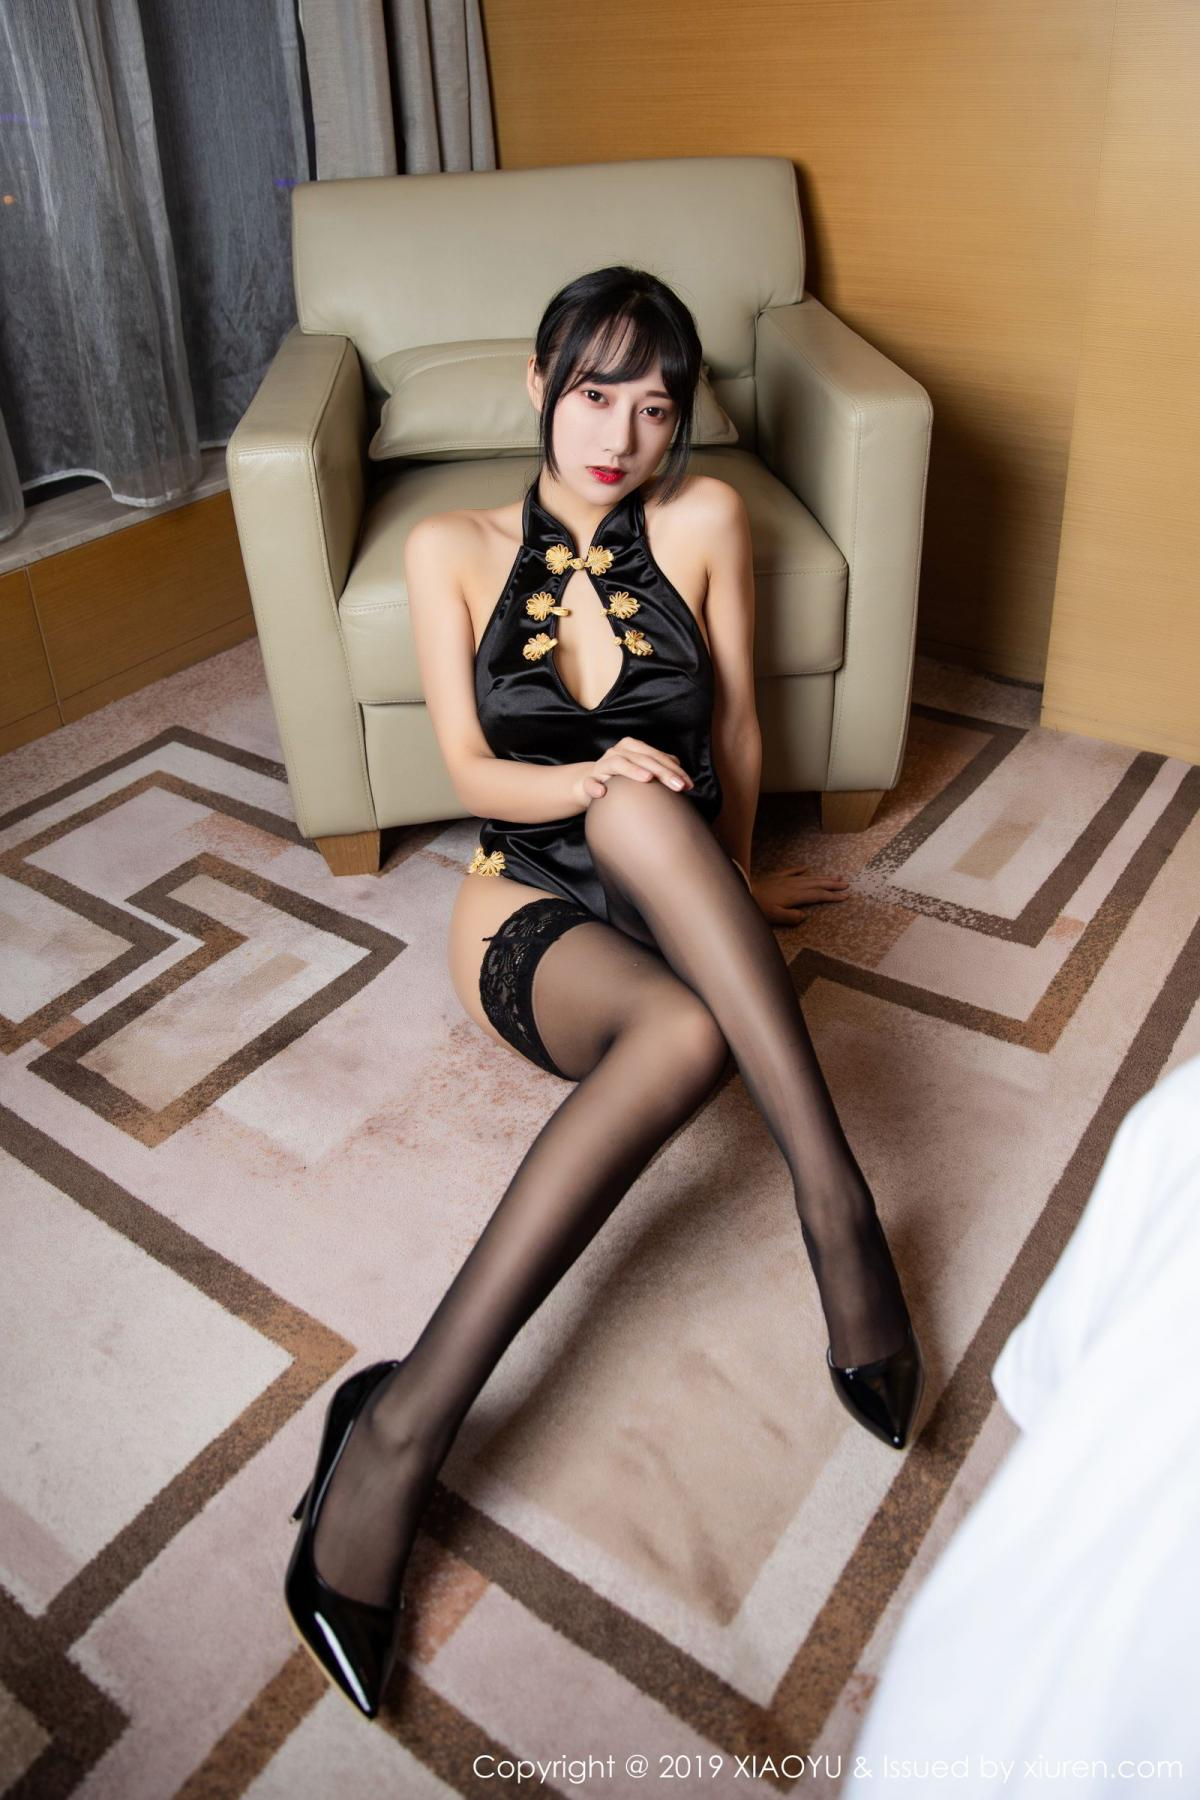 [XiaoYu] Vol.170 He Jia Ying 27P, He Jia Ying, Tall, XiaoYu